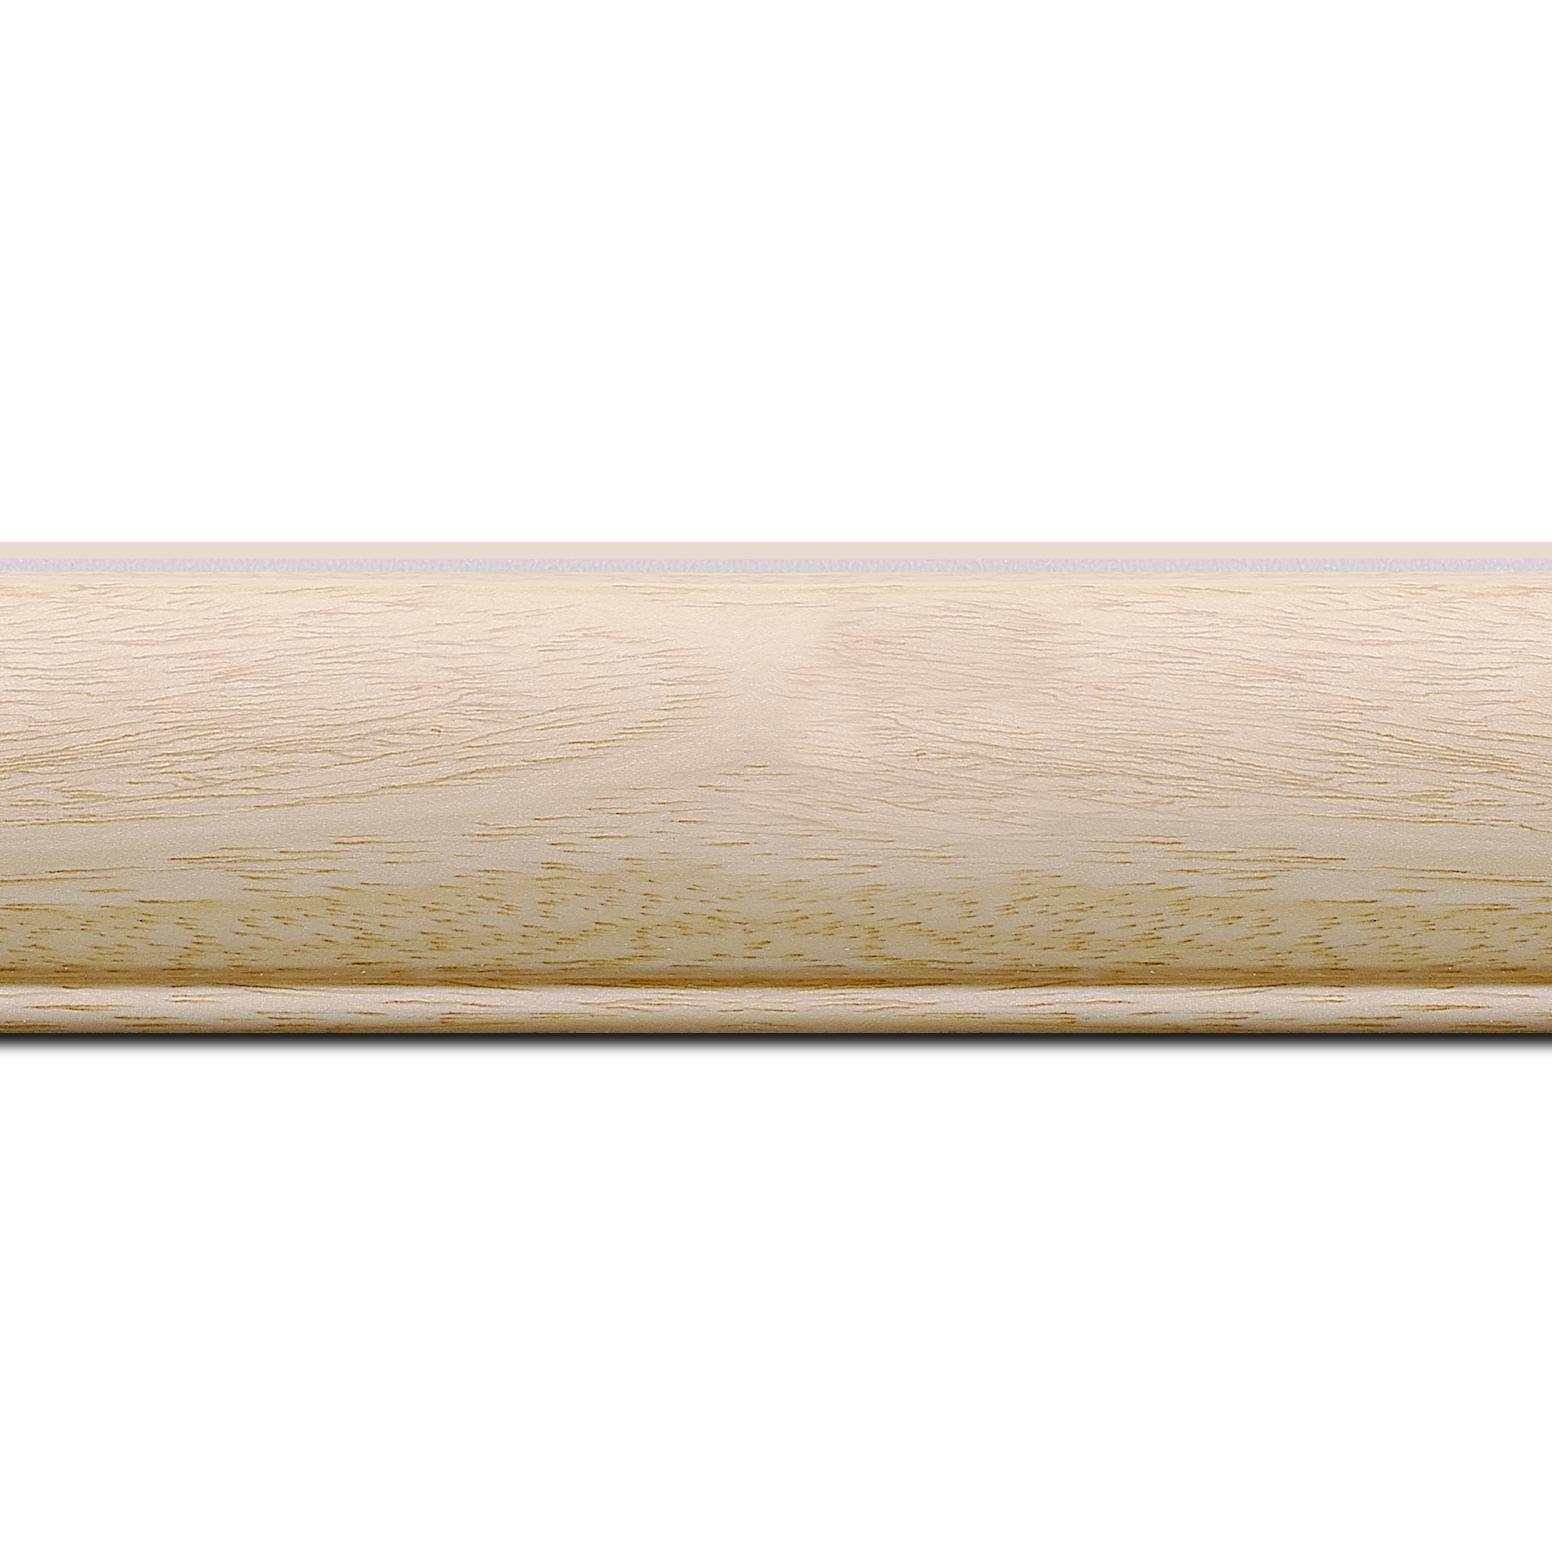 Pack par 12m, bois profil arrondi largeur 4.7cm ayous massif naturel (sans vernis, peut être peint...)  (longueur baguette pouvant varier entre 2.40m et 3m selon arrivage des bois)